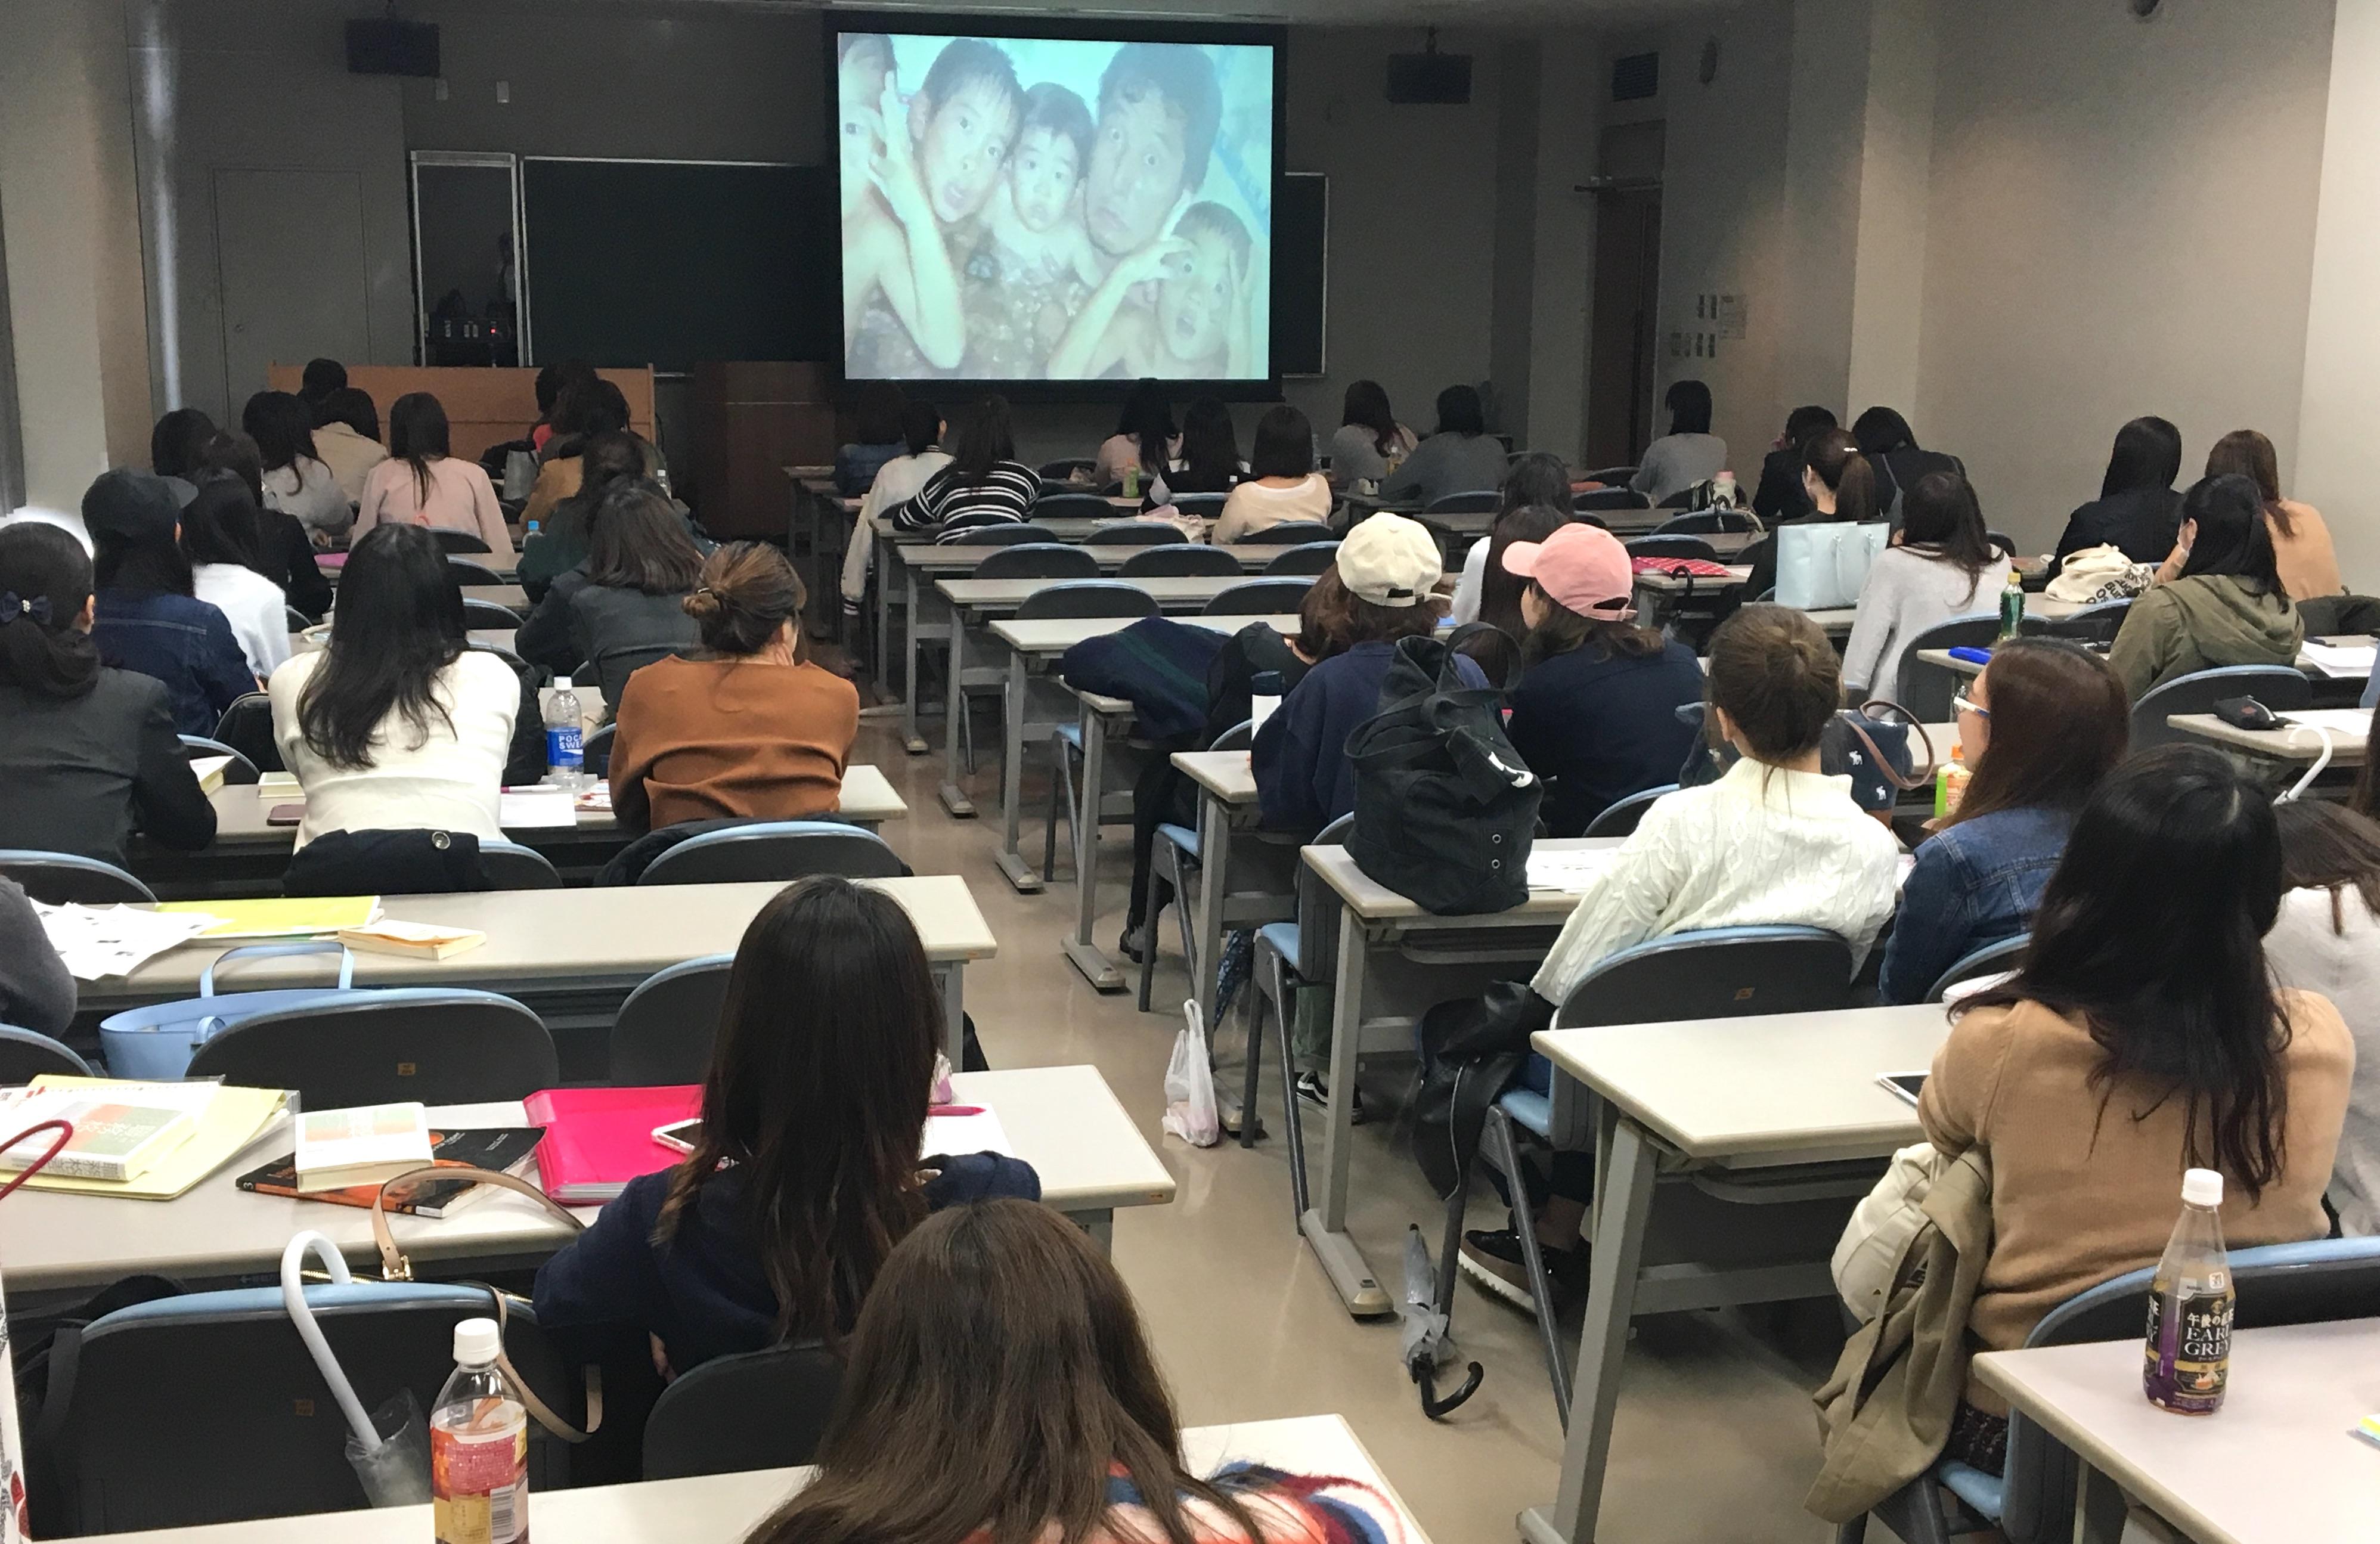 聖心女子大学2017職業社会学ゲスト講義「男たちのワークライフバランス」